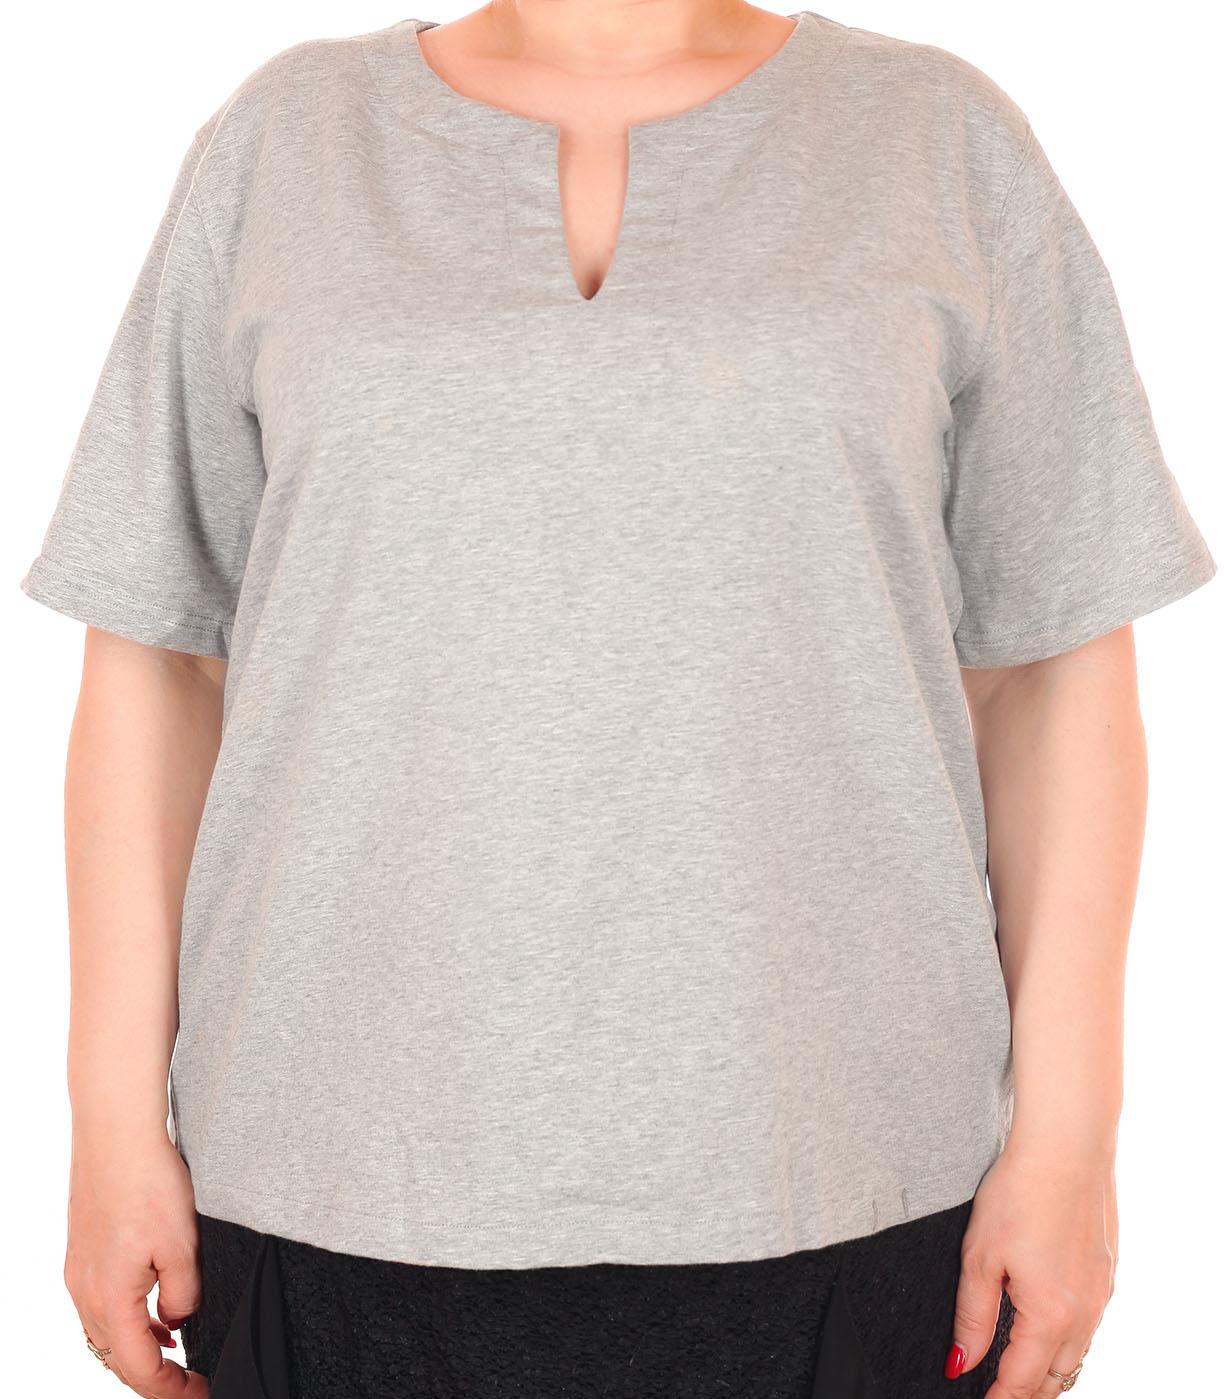 Серая женская футболка Nautica. Благородно-холодный дизайн для современной взрослой женщины